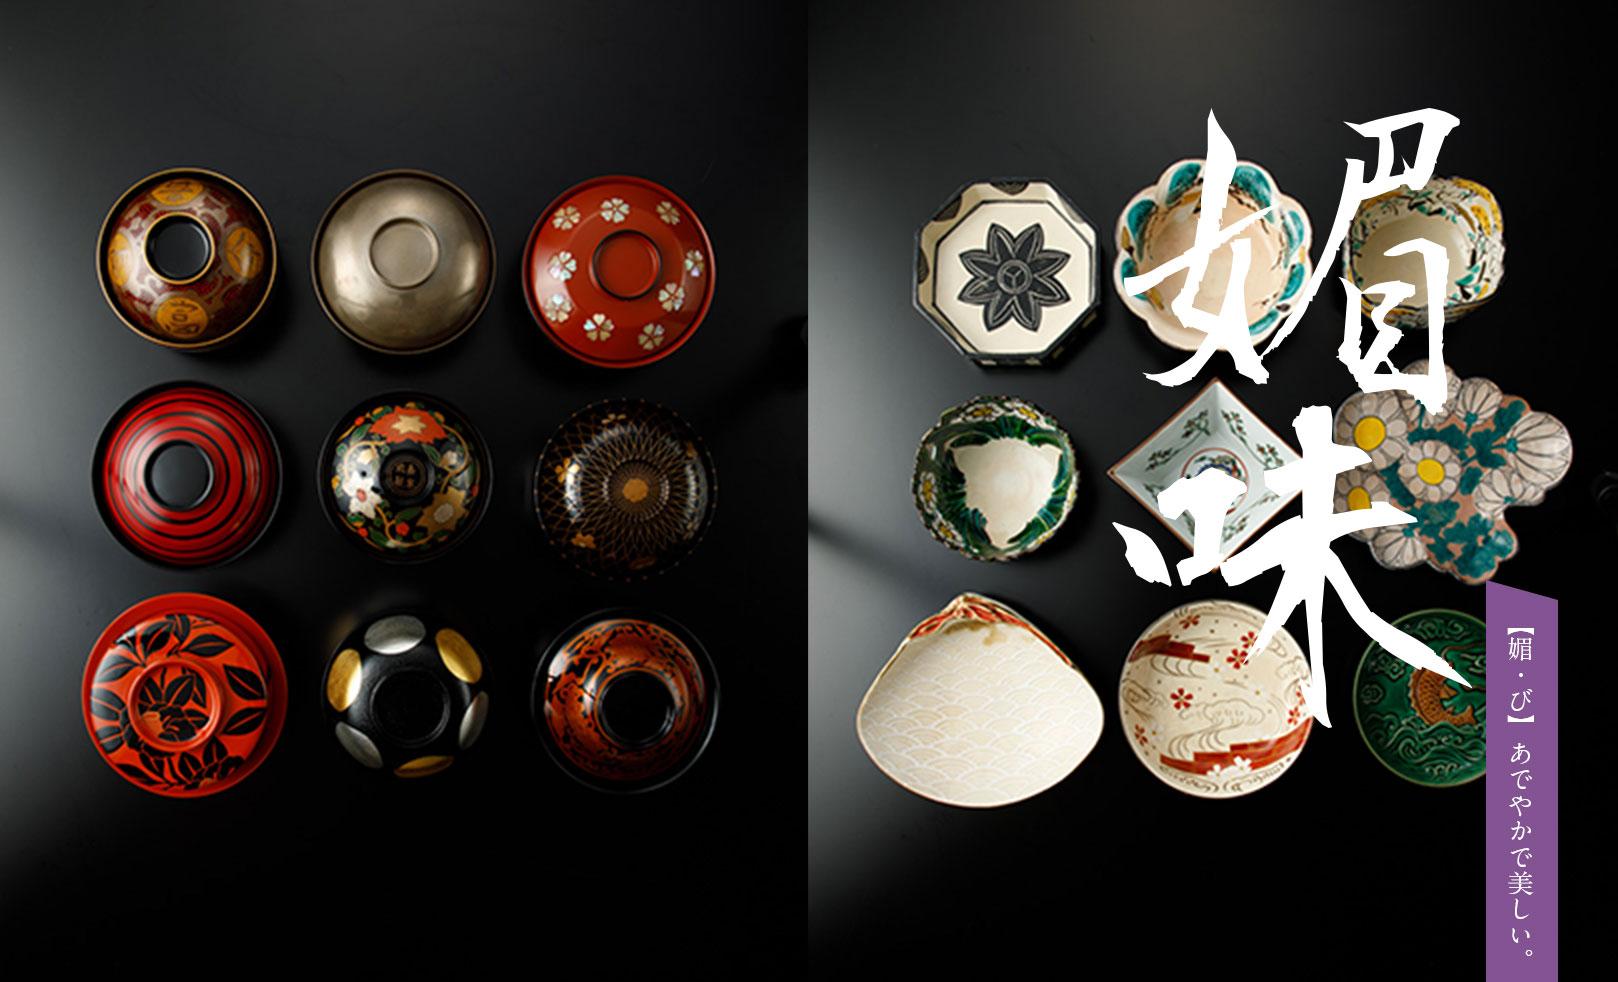 和食を彩る器の使い方にも香川らしさを取り入れて